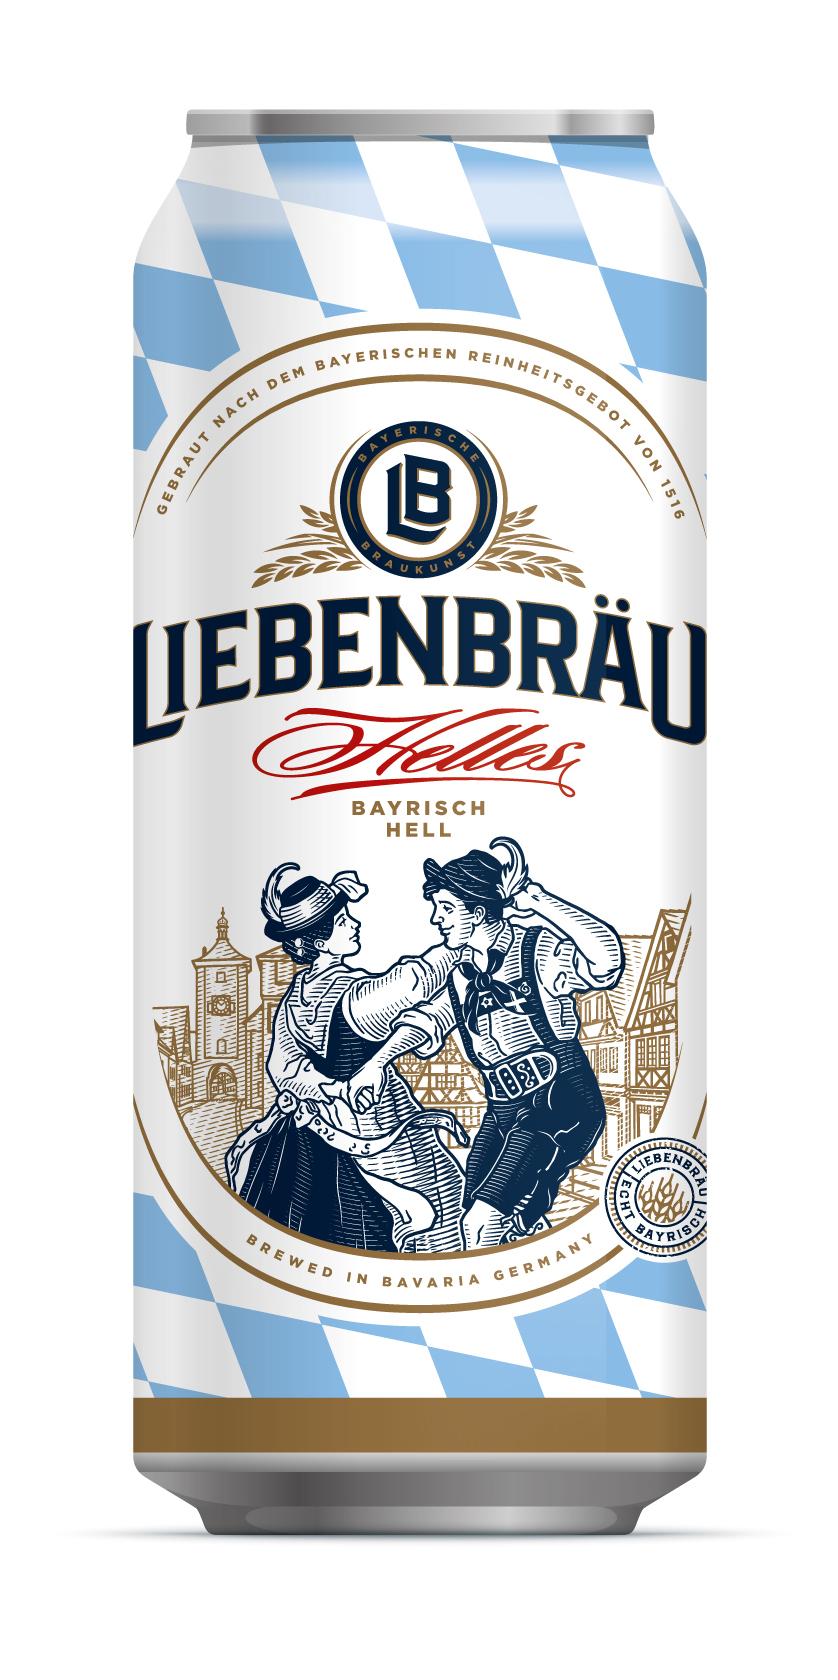 SuperBeer представляет на российском рынке баварский хель Liebenbräu